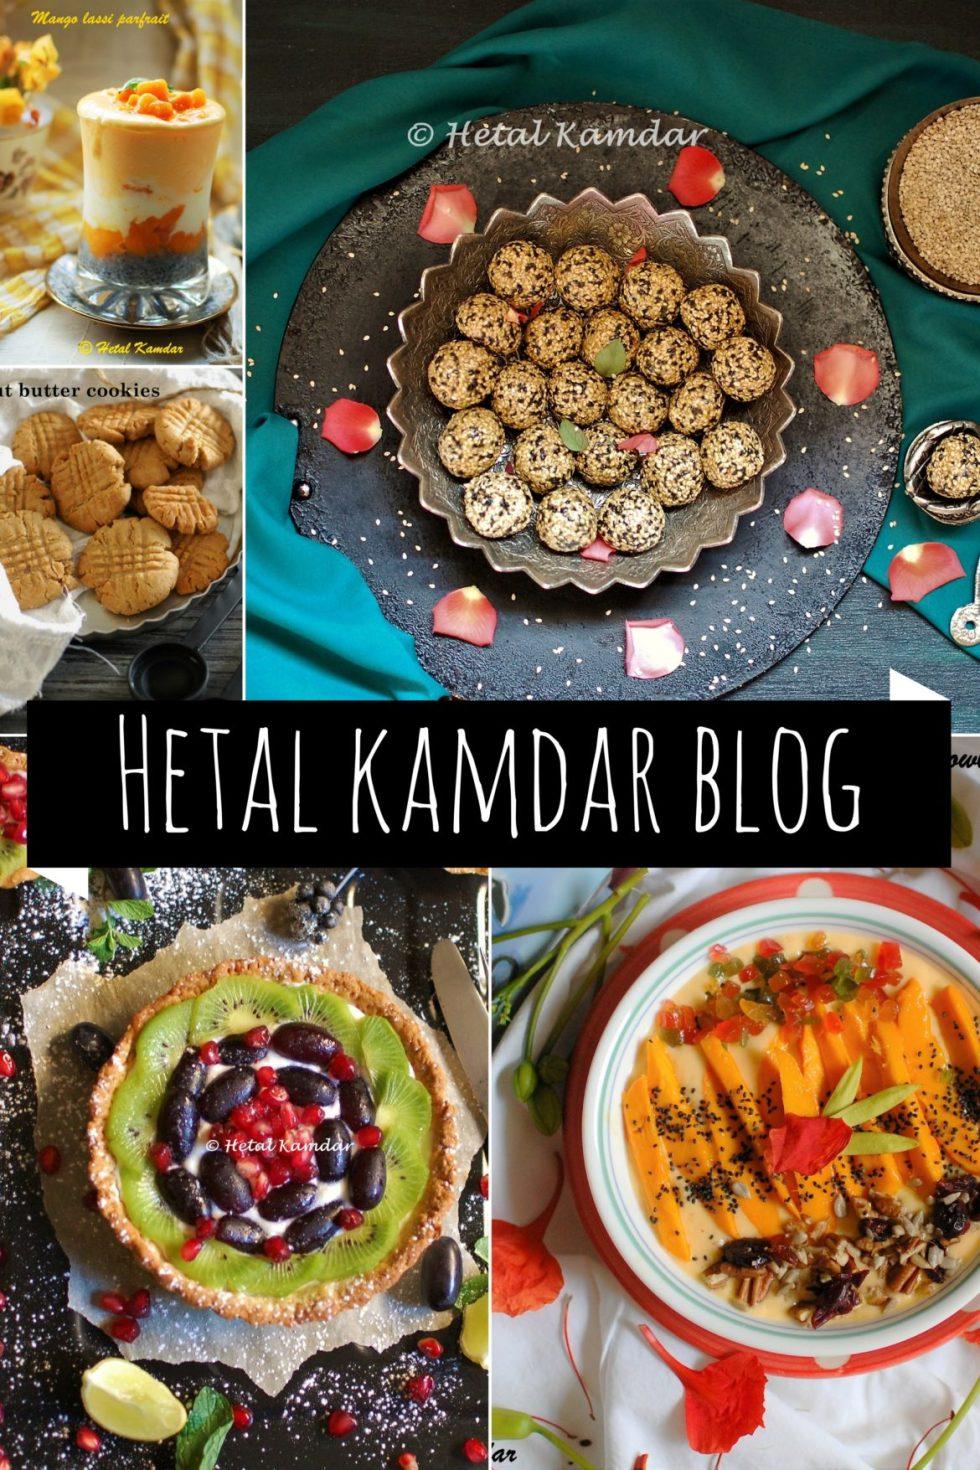 www.hetalkamdar.com